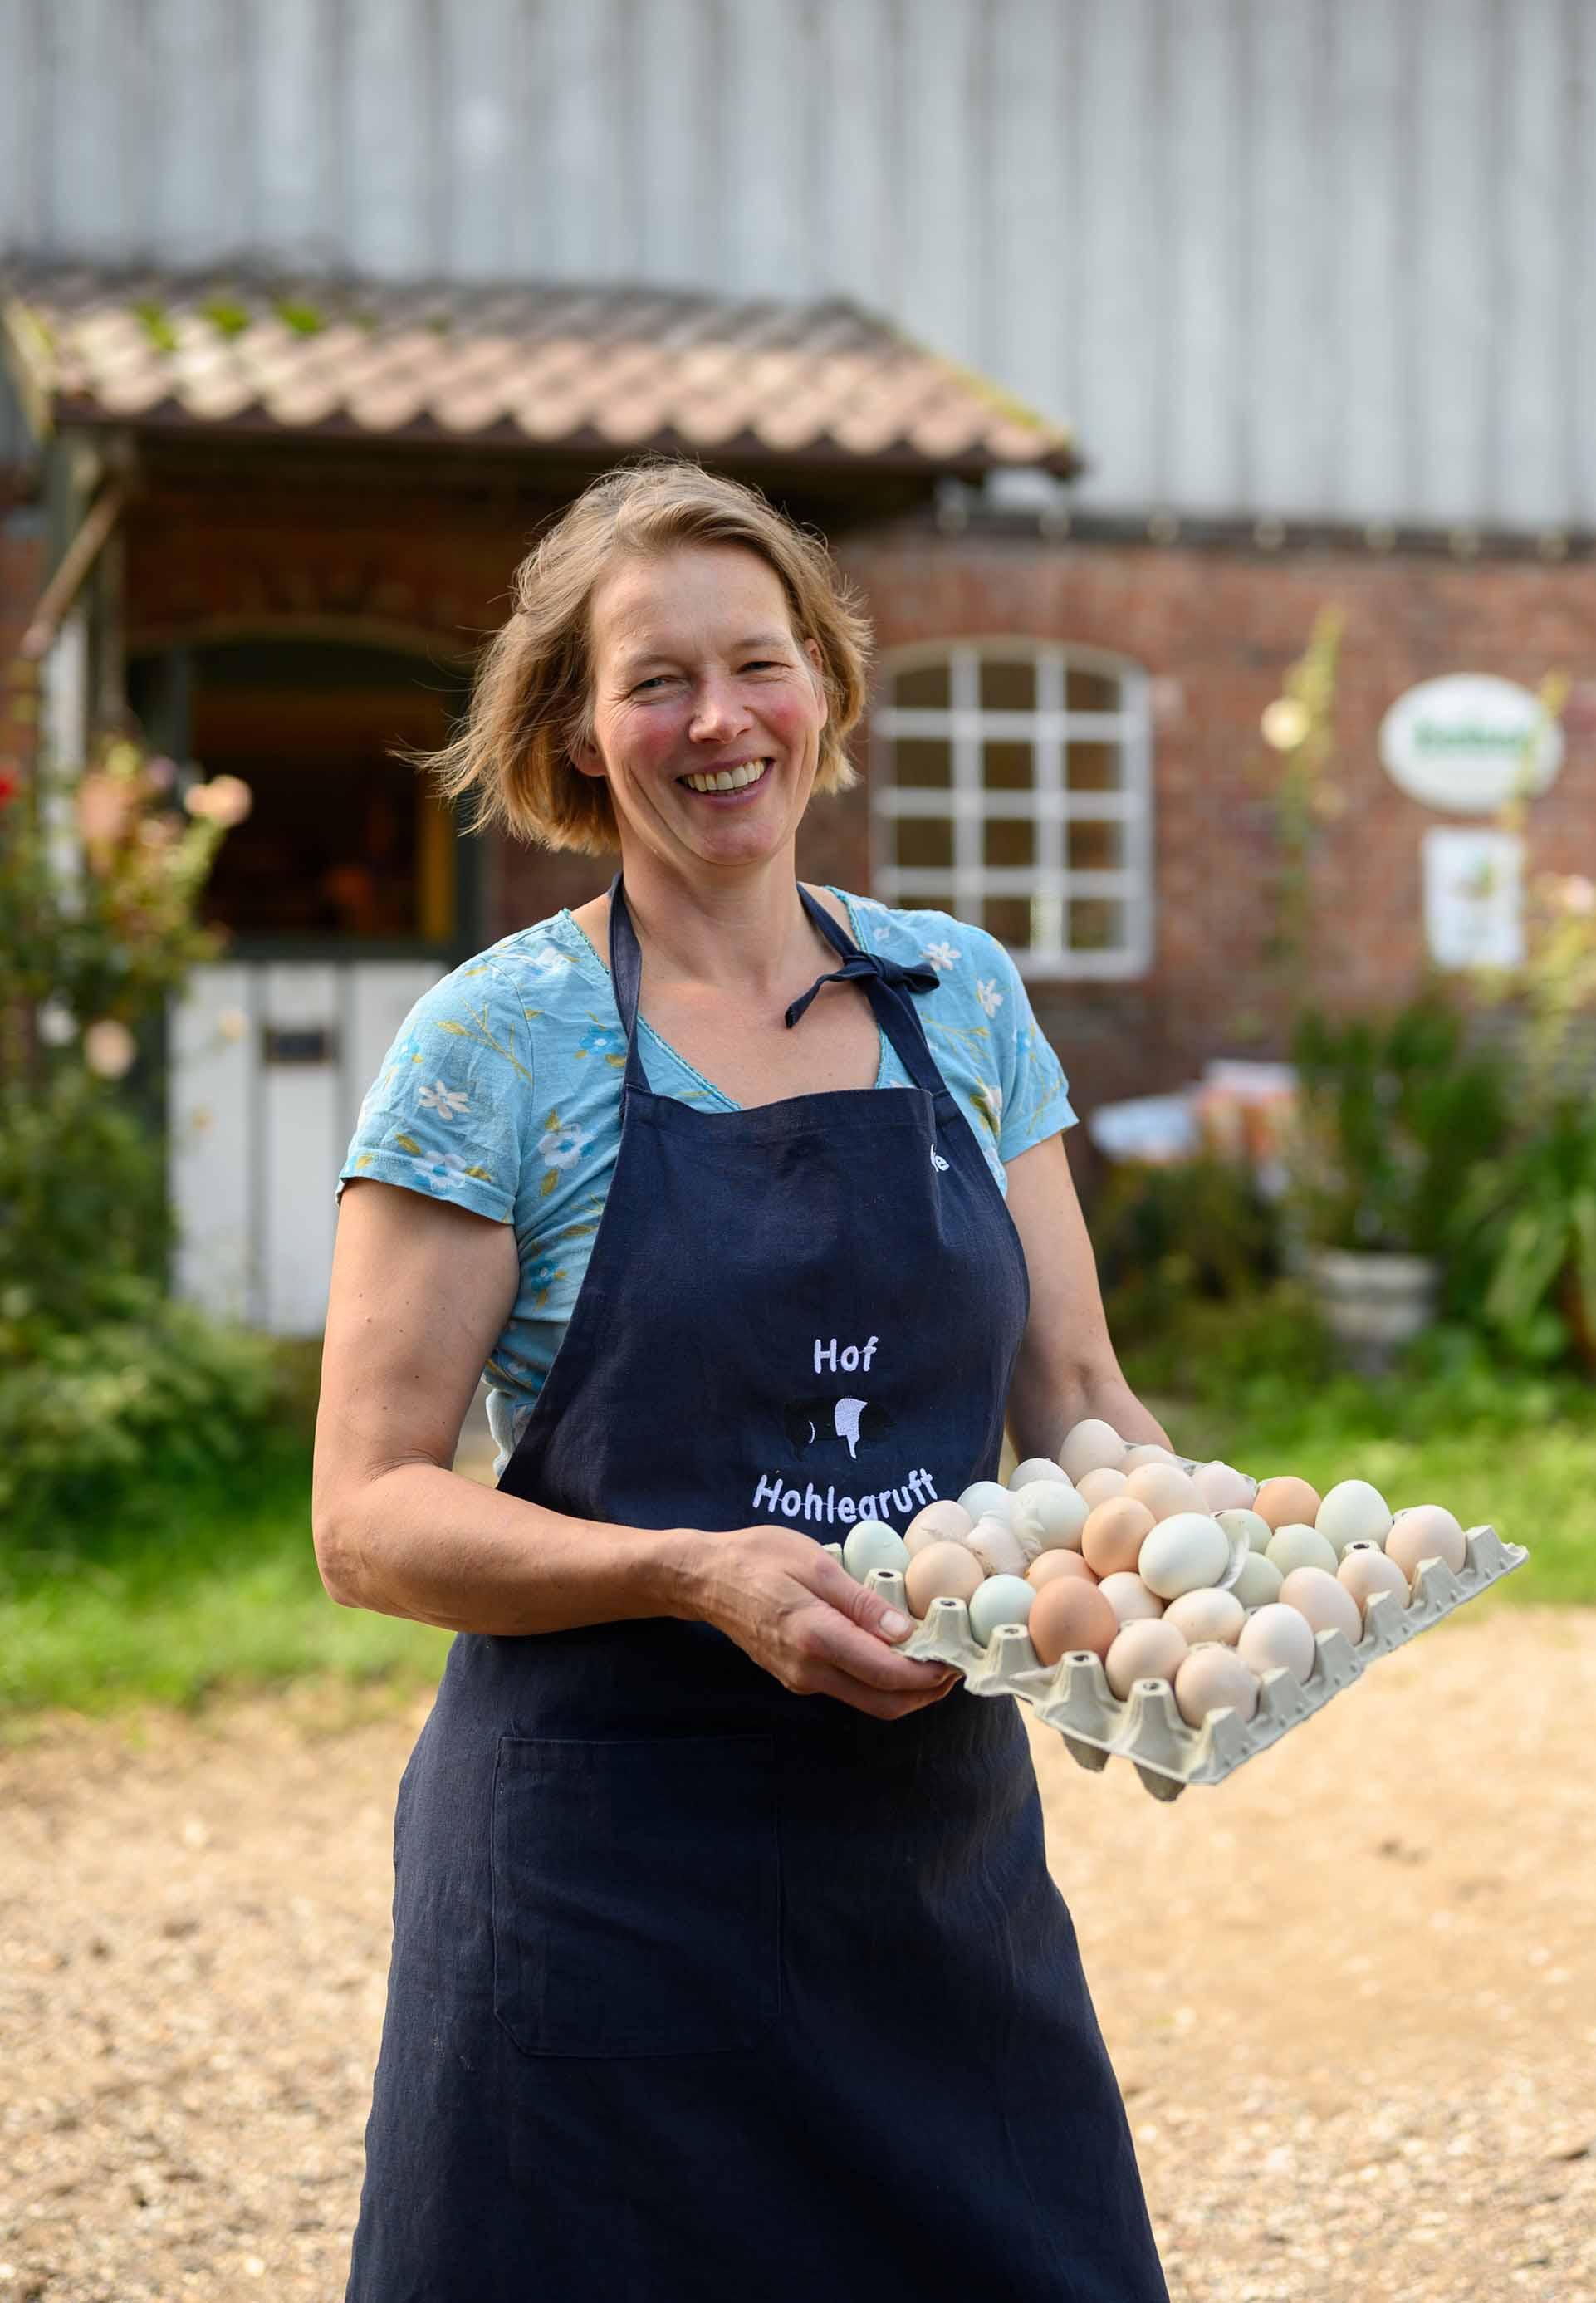 Anke Stoltenberg mit den Eiern ihrer freilaufenden Hühner